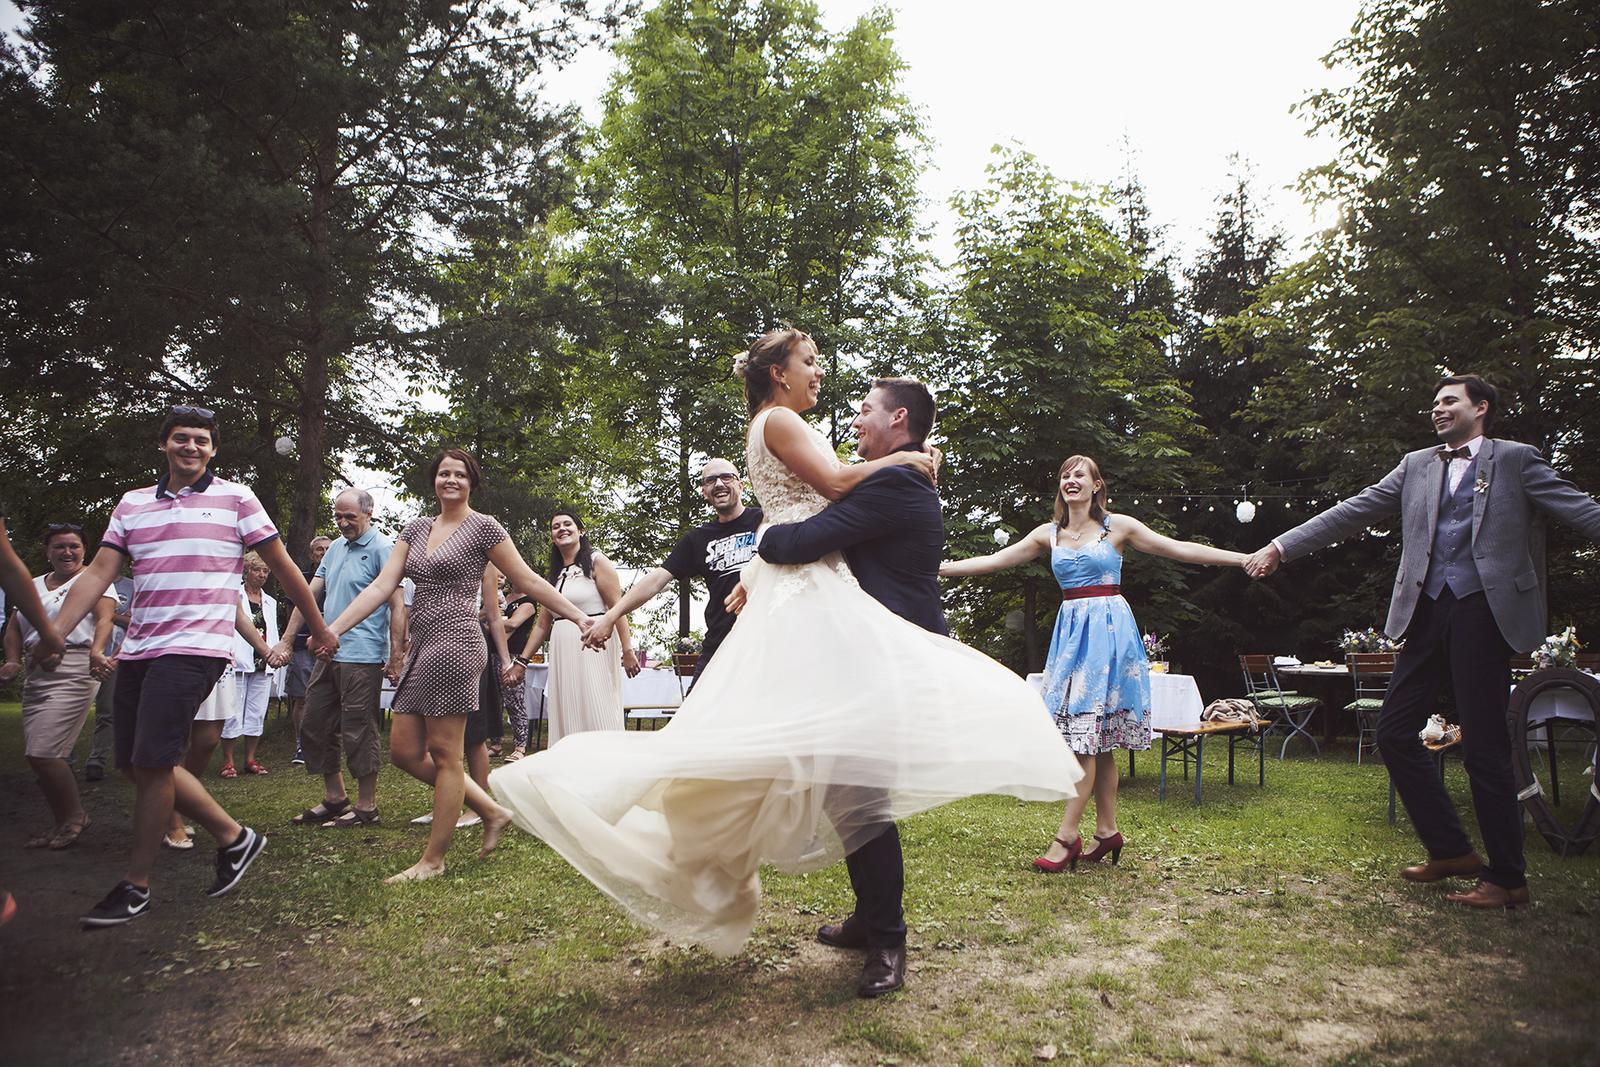 Svatba Krkonose - Obrázek č. 69